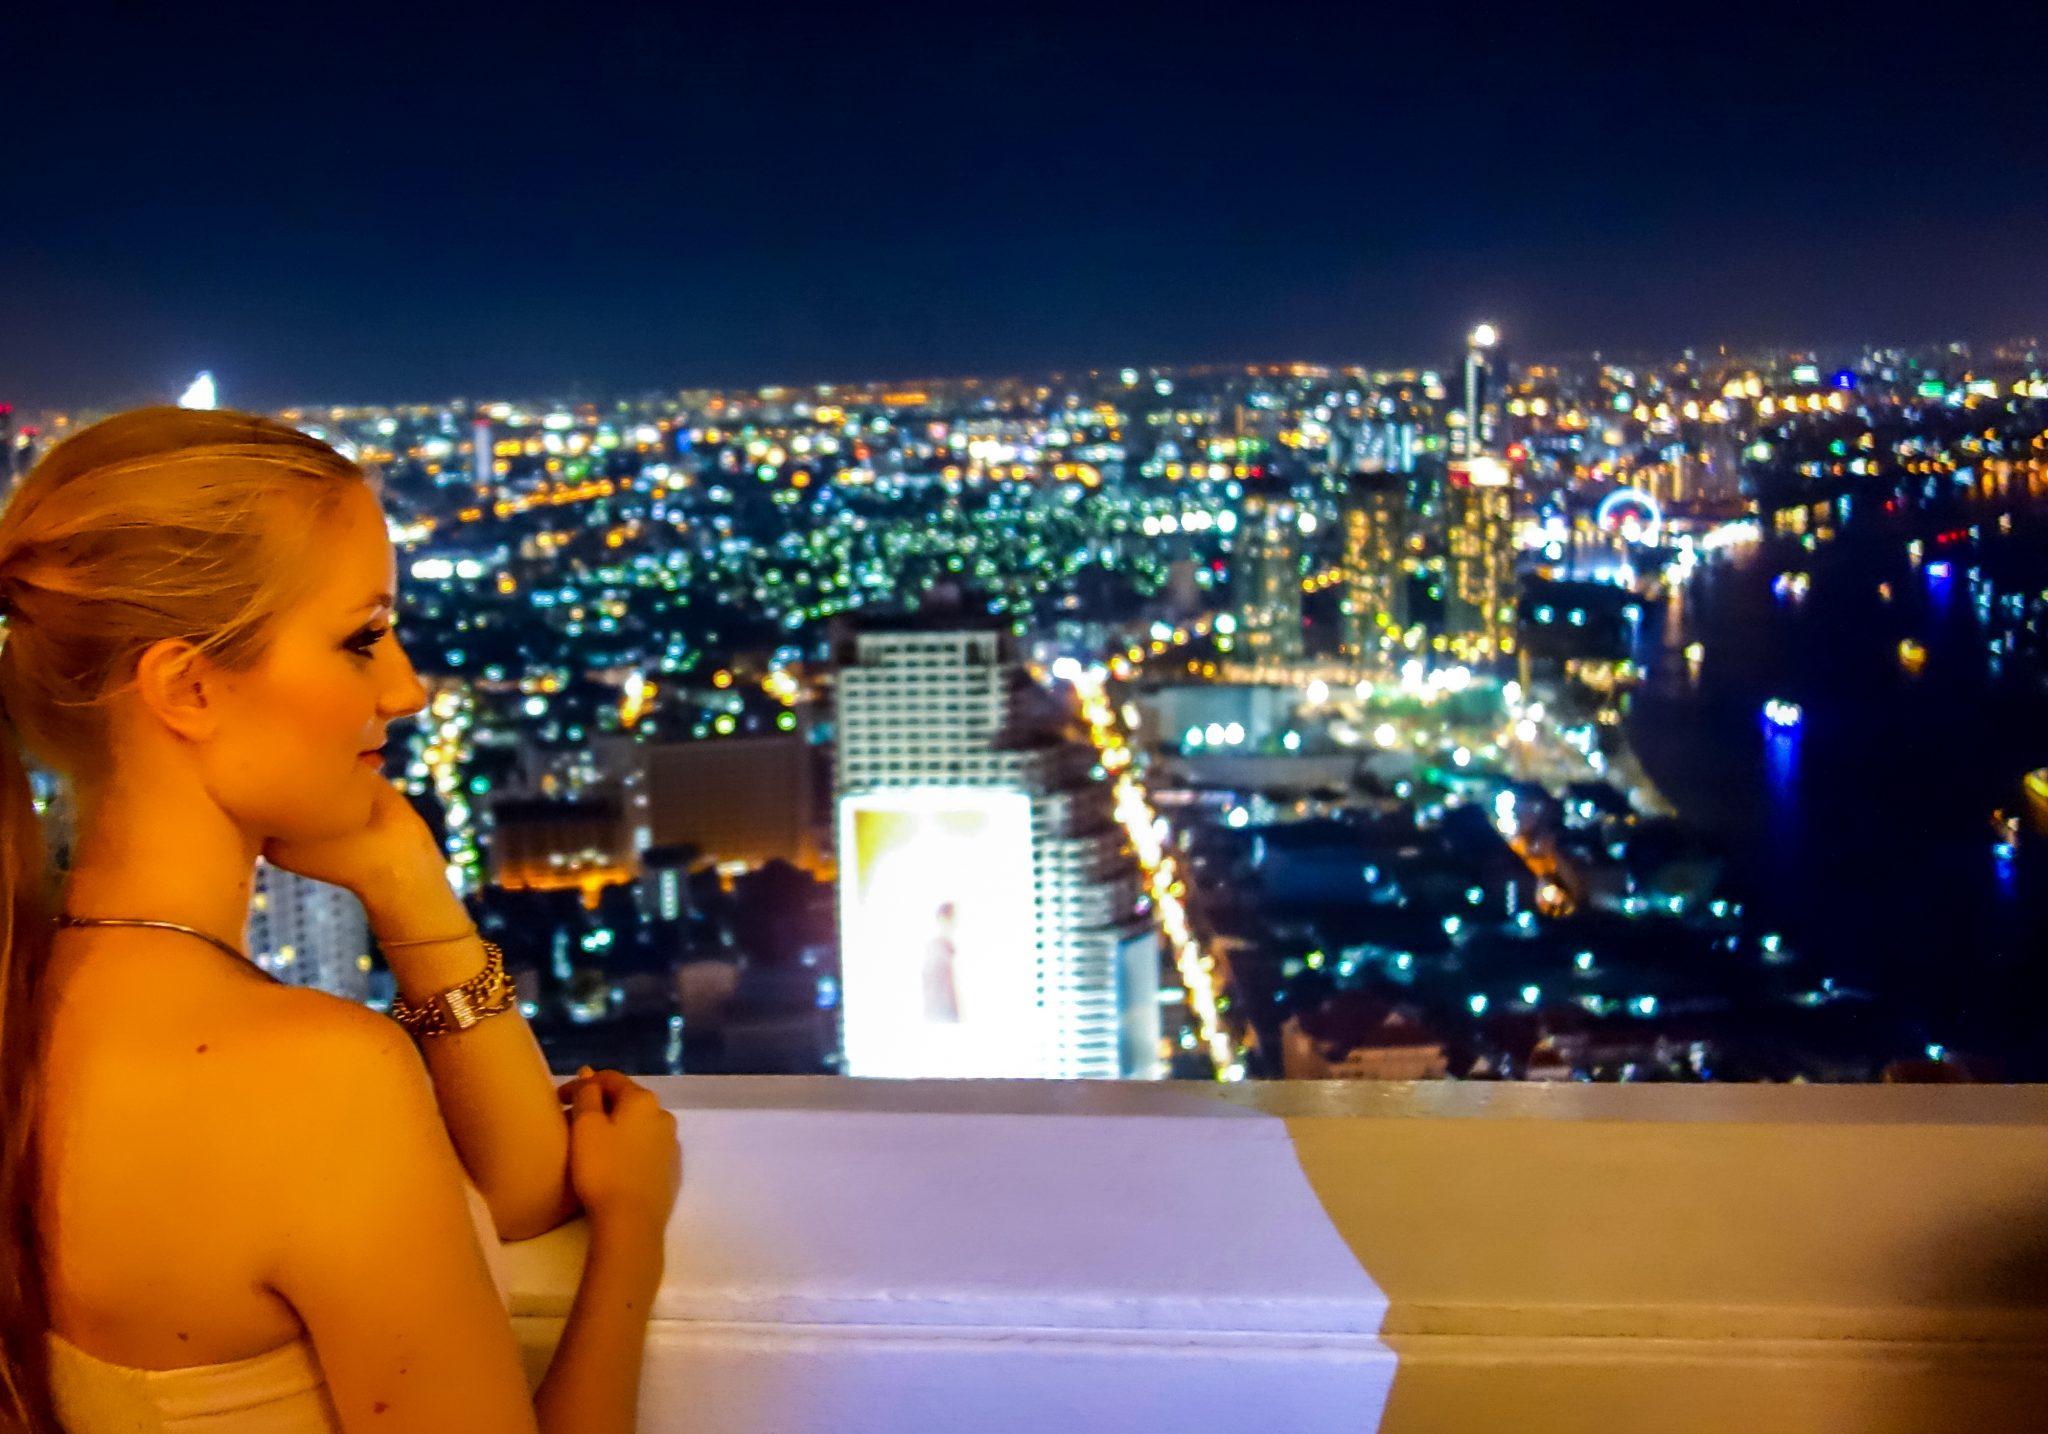 Genieße die Aussicht von dort oben, Bangkok sieht herrlich von dieser Perspektive aus!